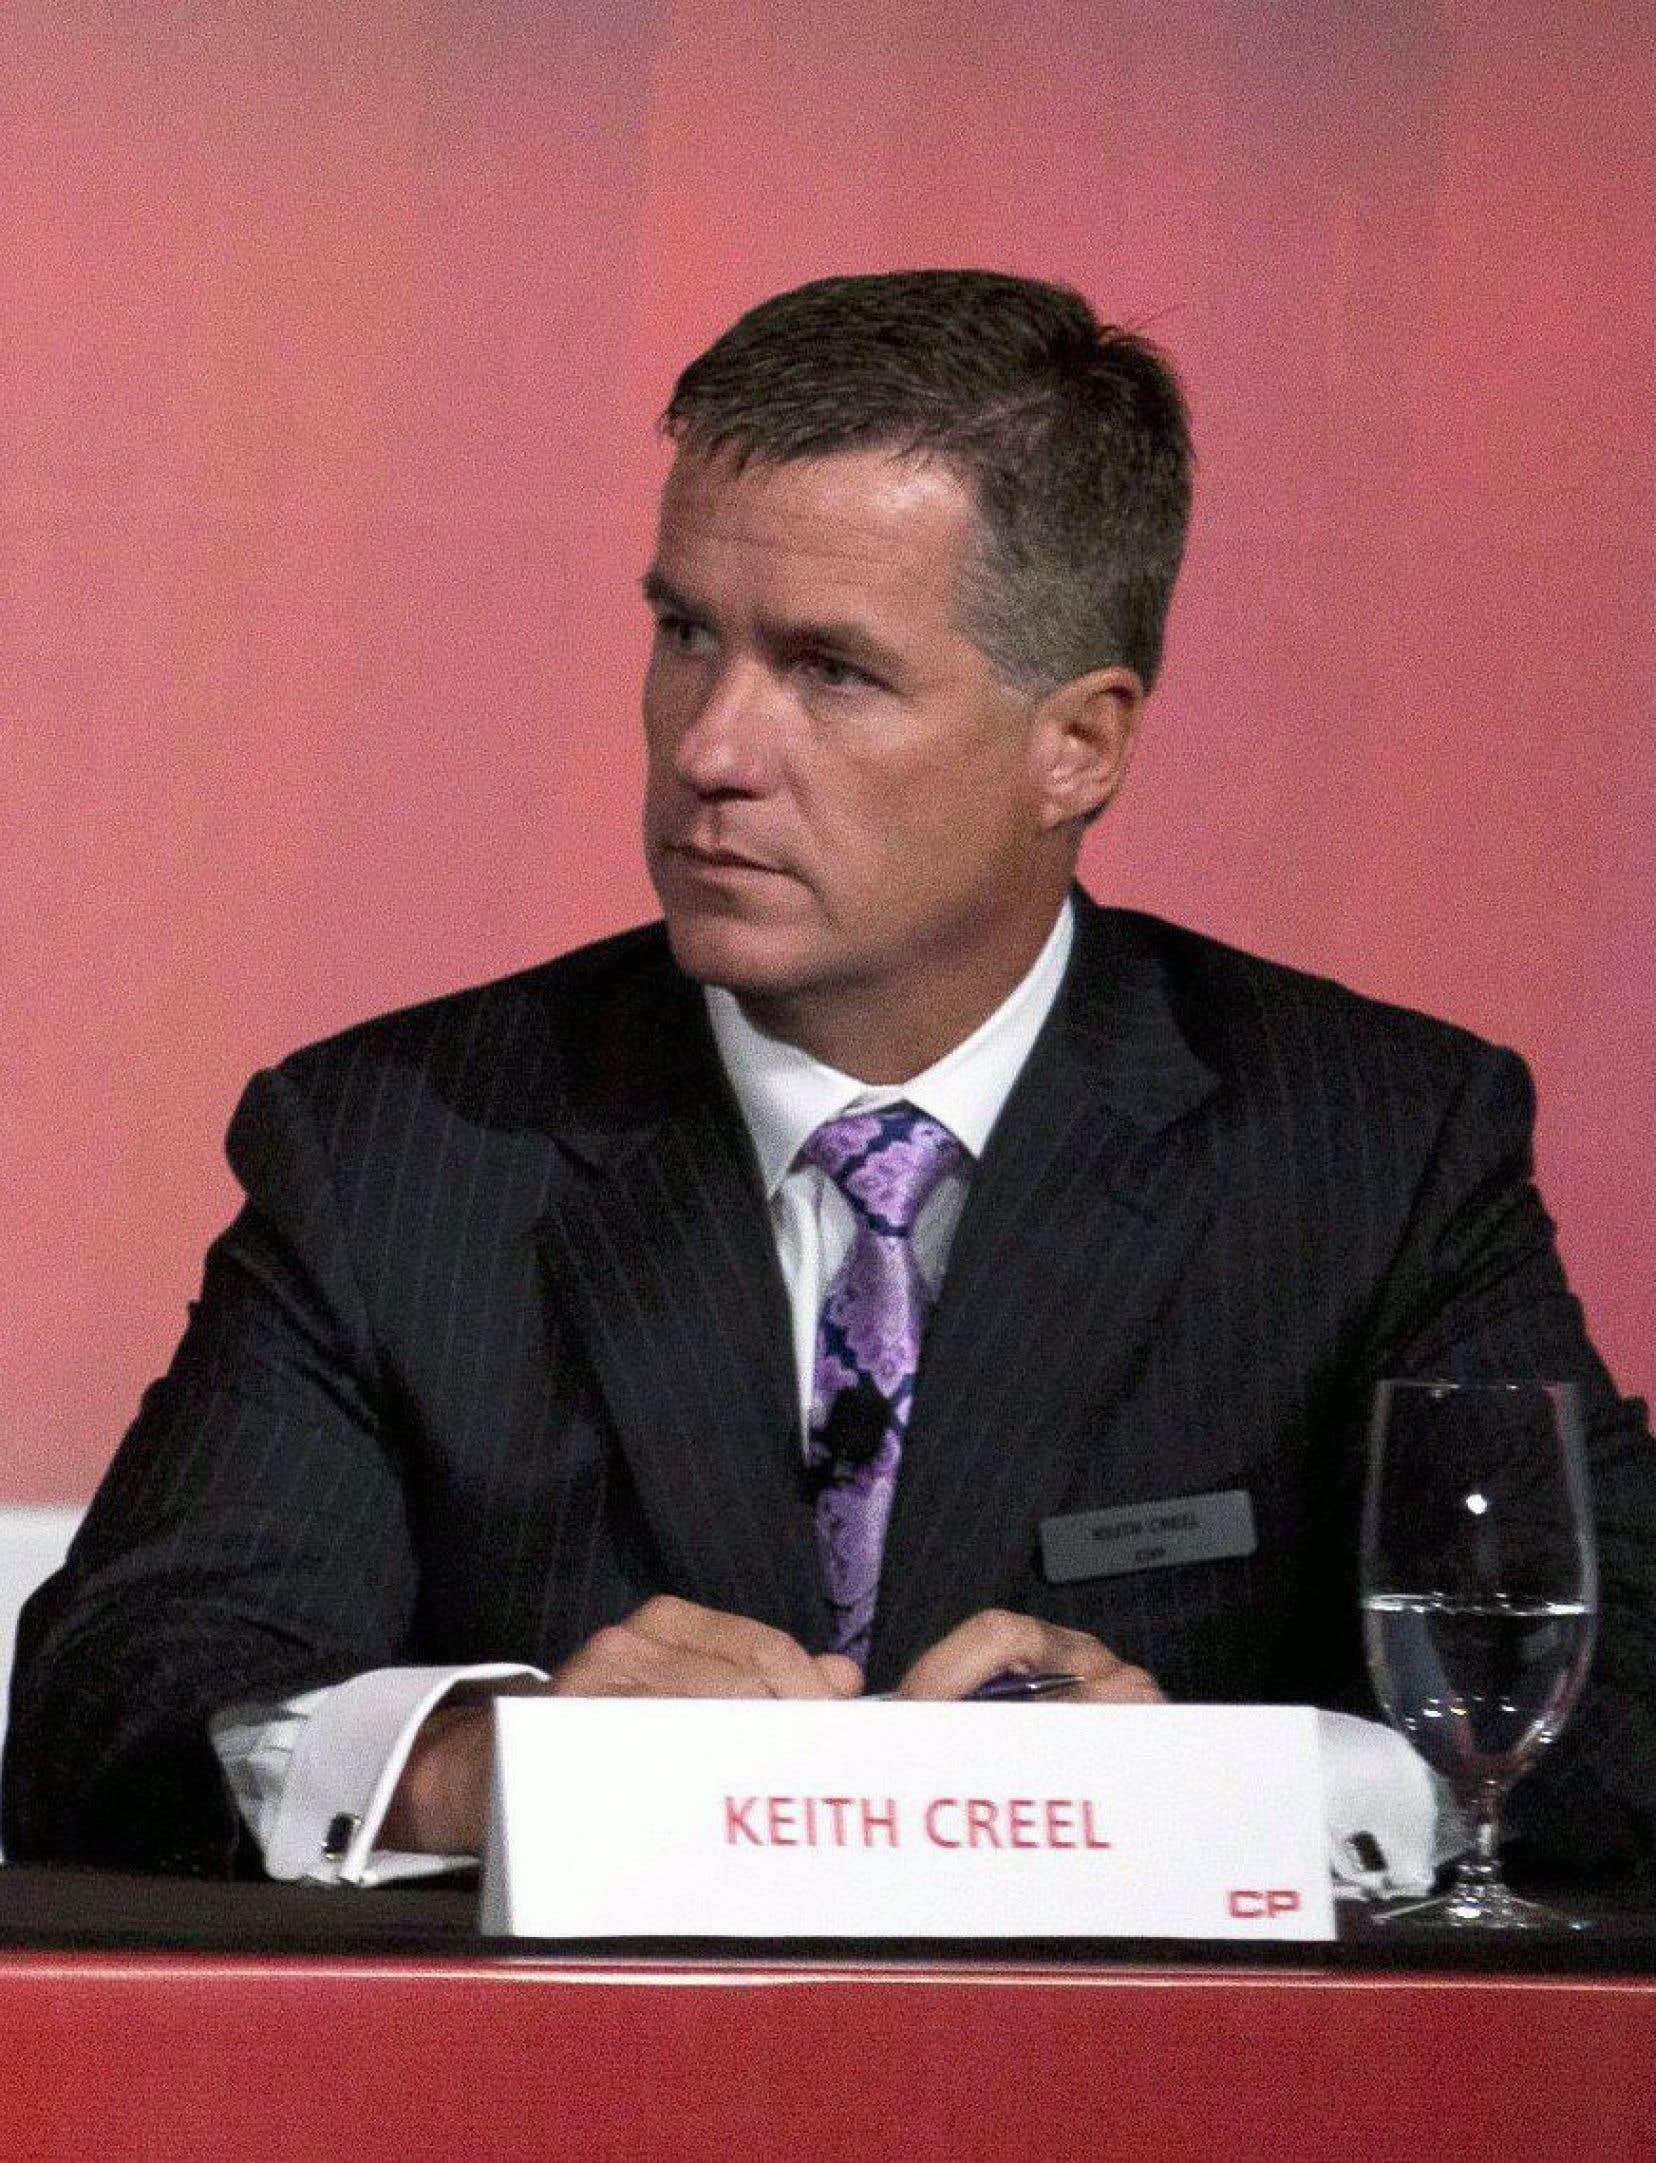 Keith Creel succédera à Hunter Harrison à la direction du CP.